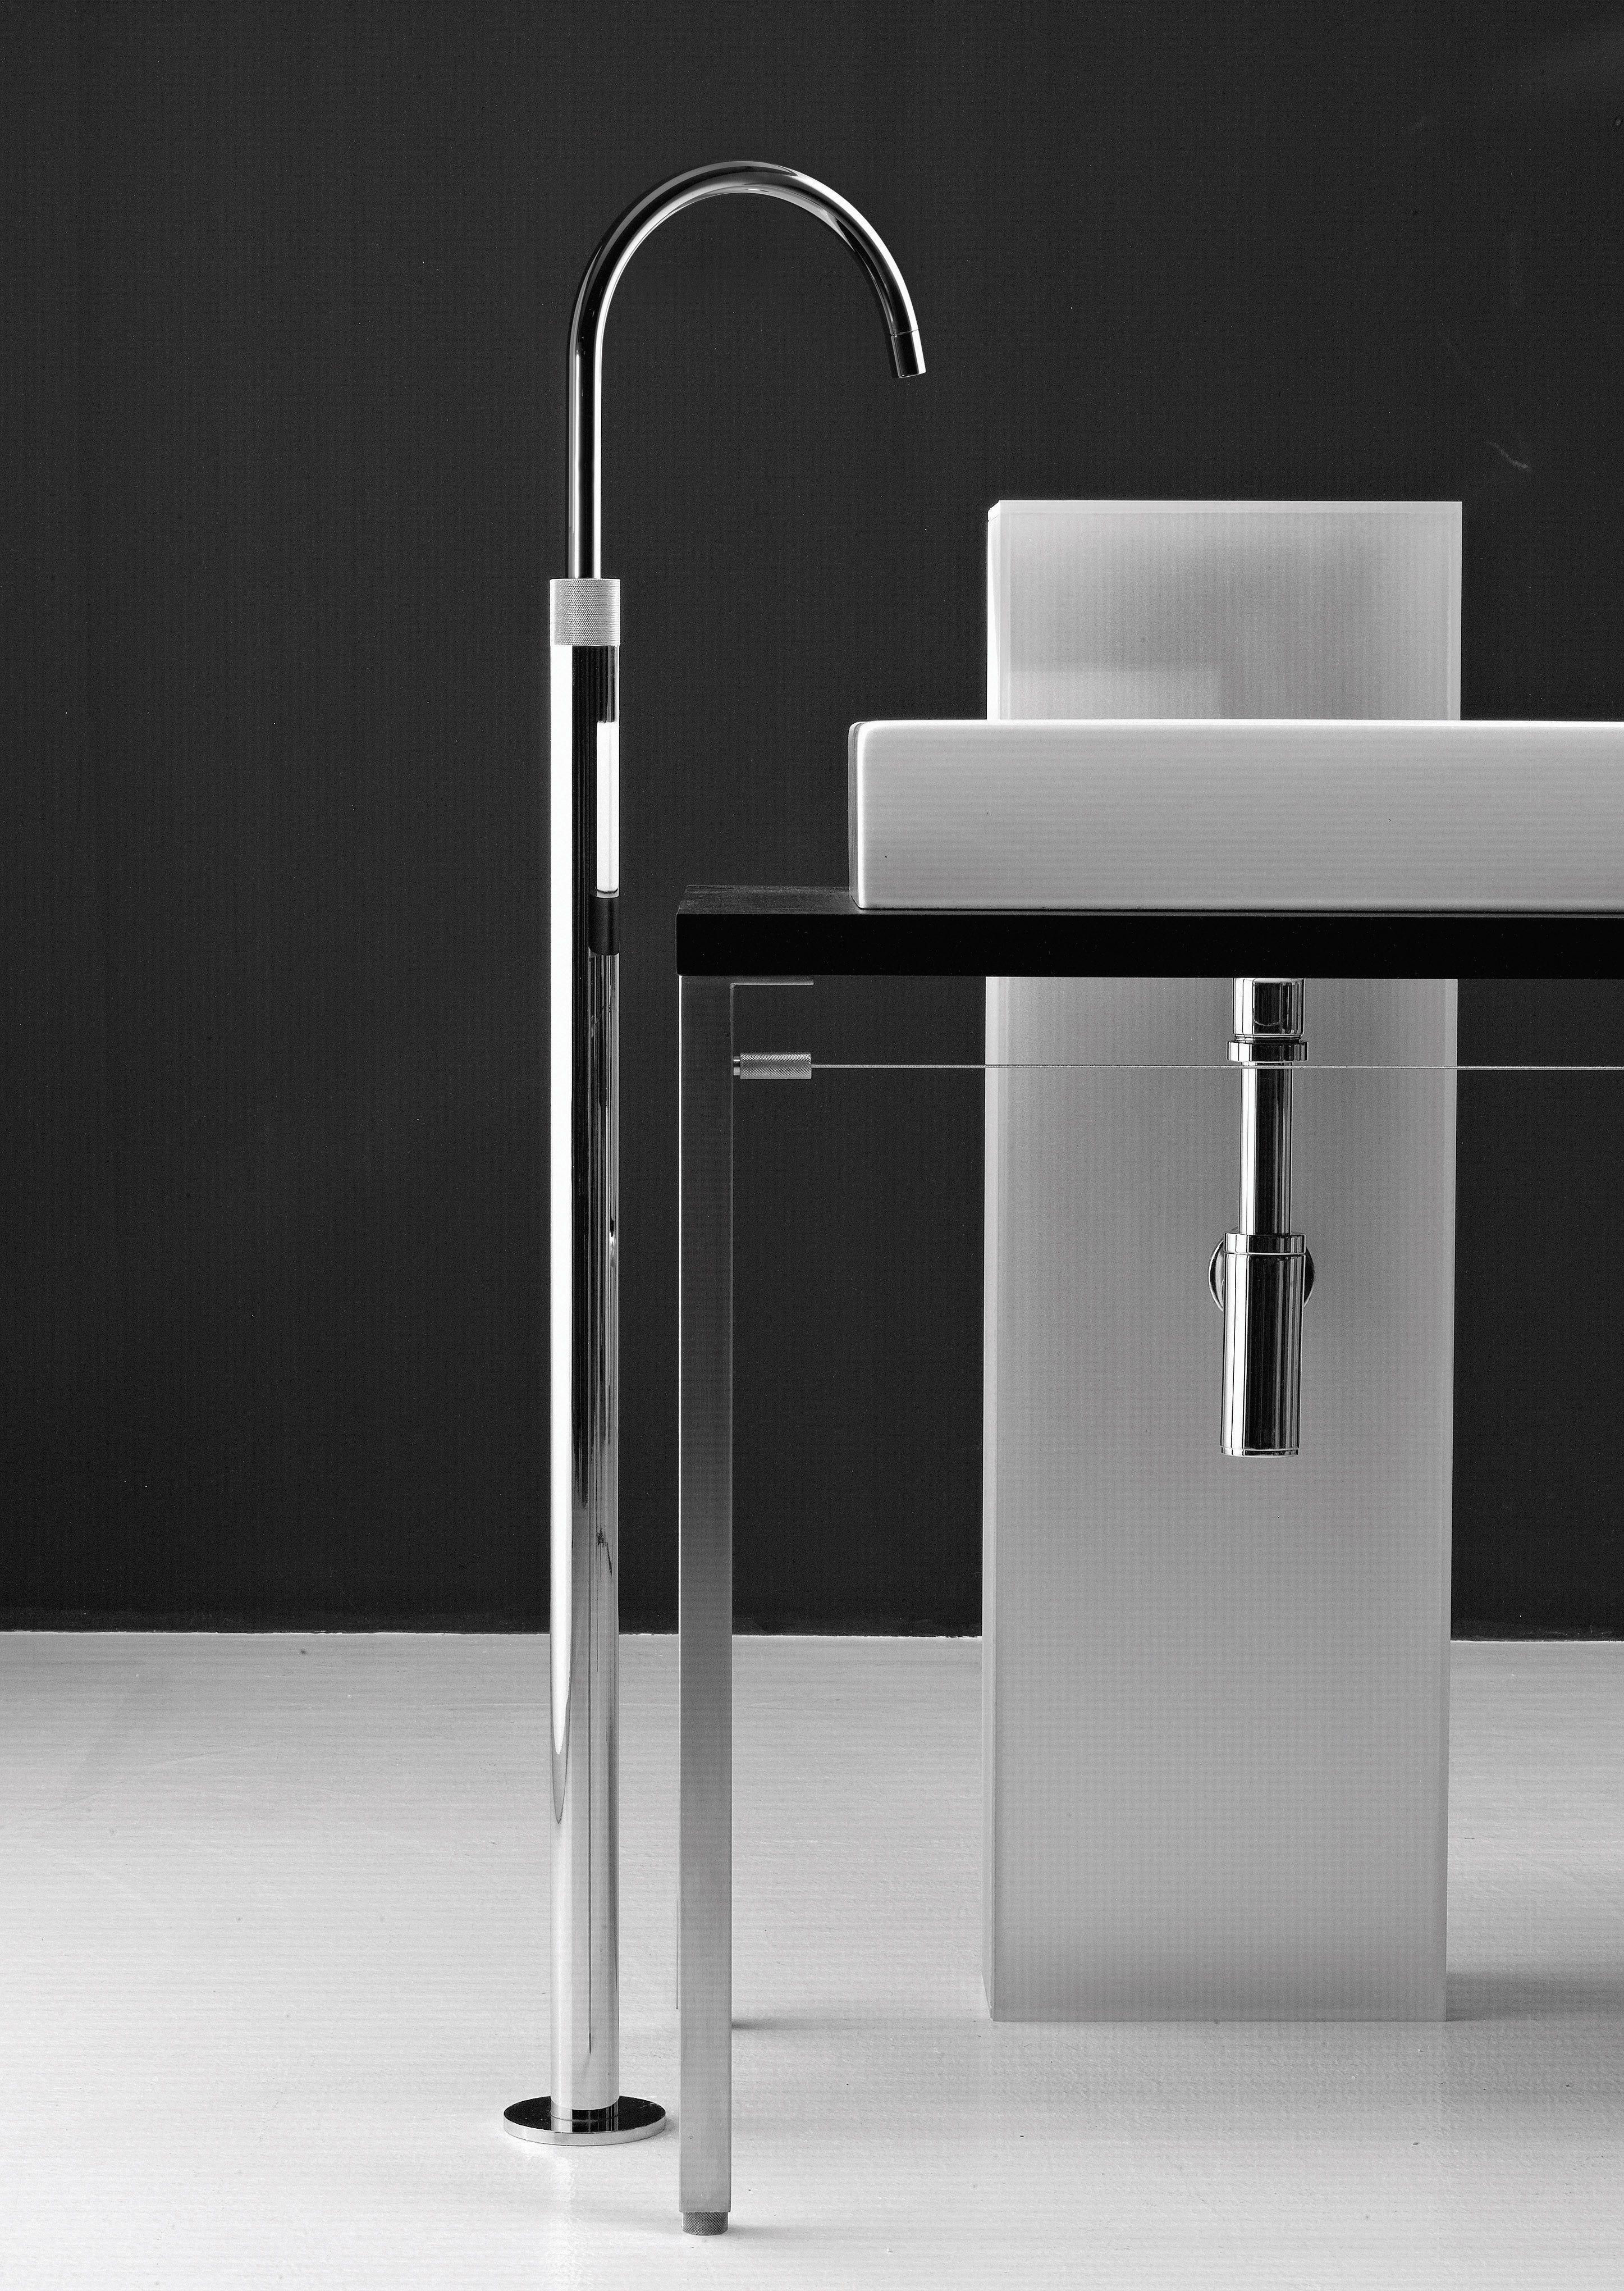 Titanium by Watermark Designs